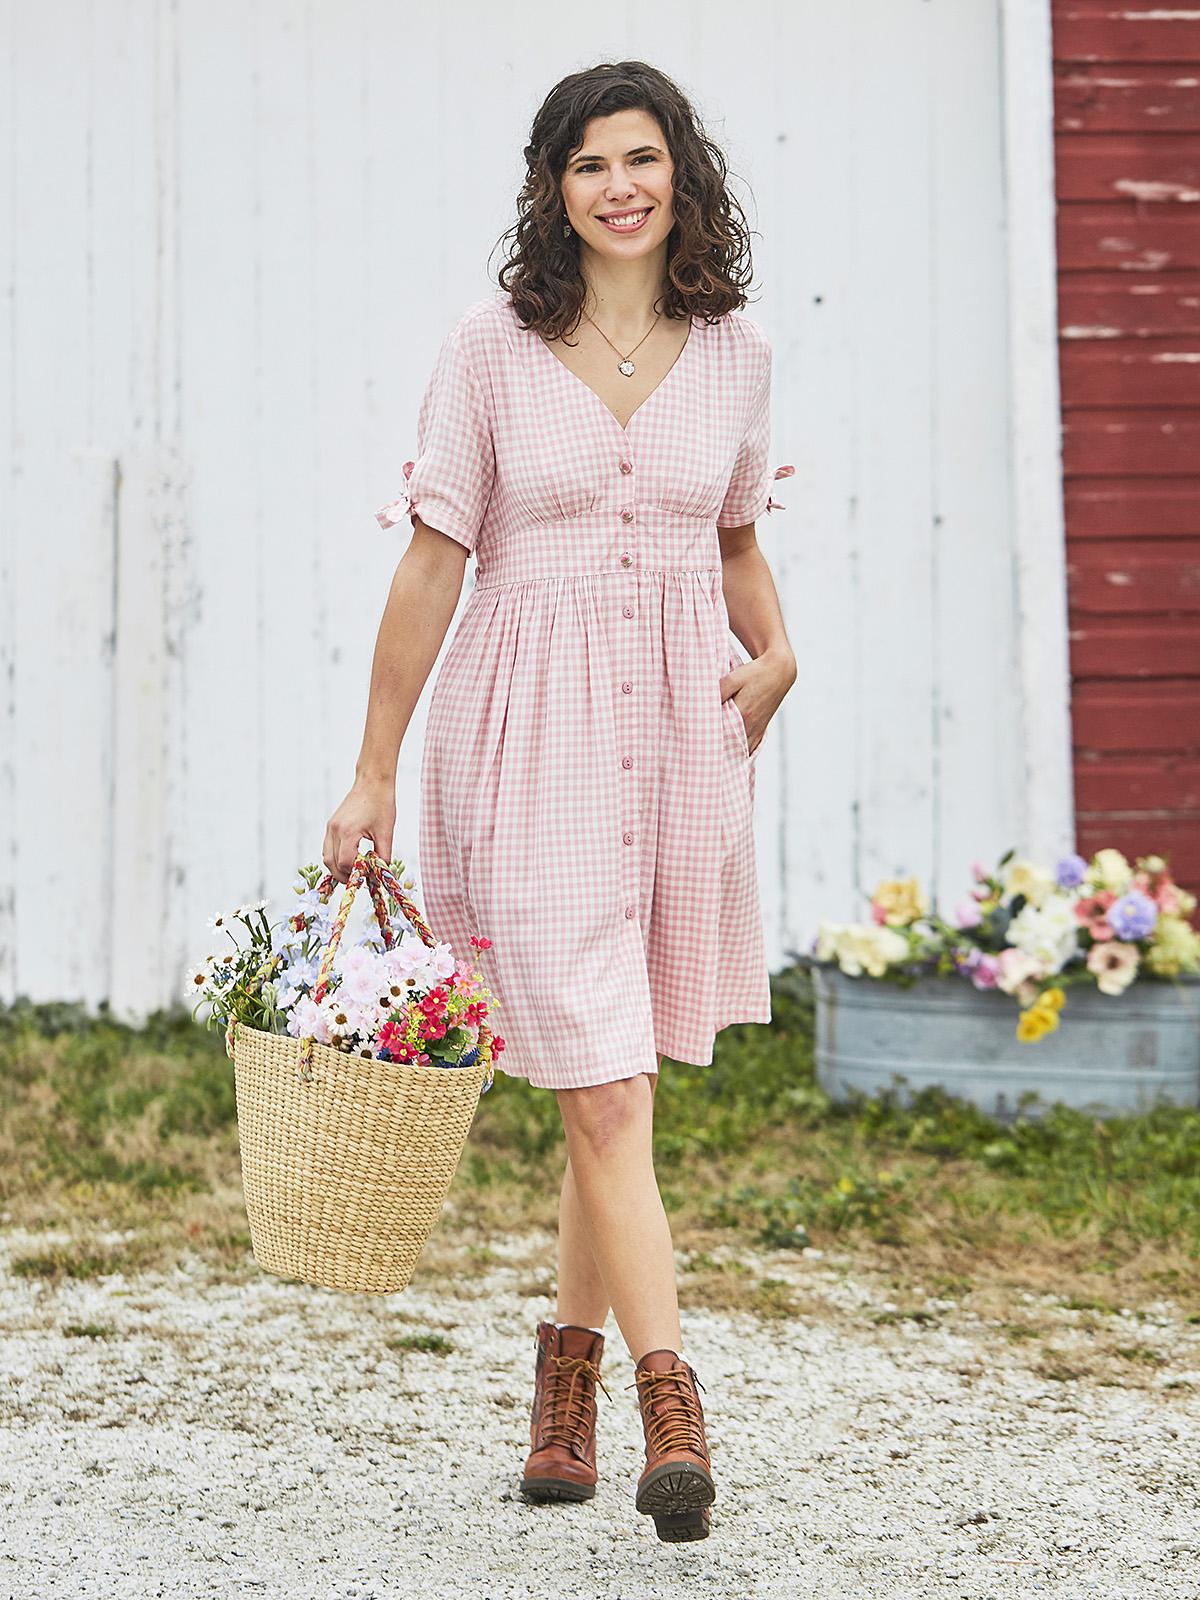 Julianna Check Dress